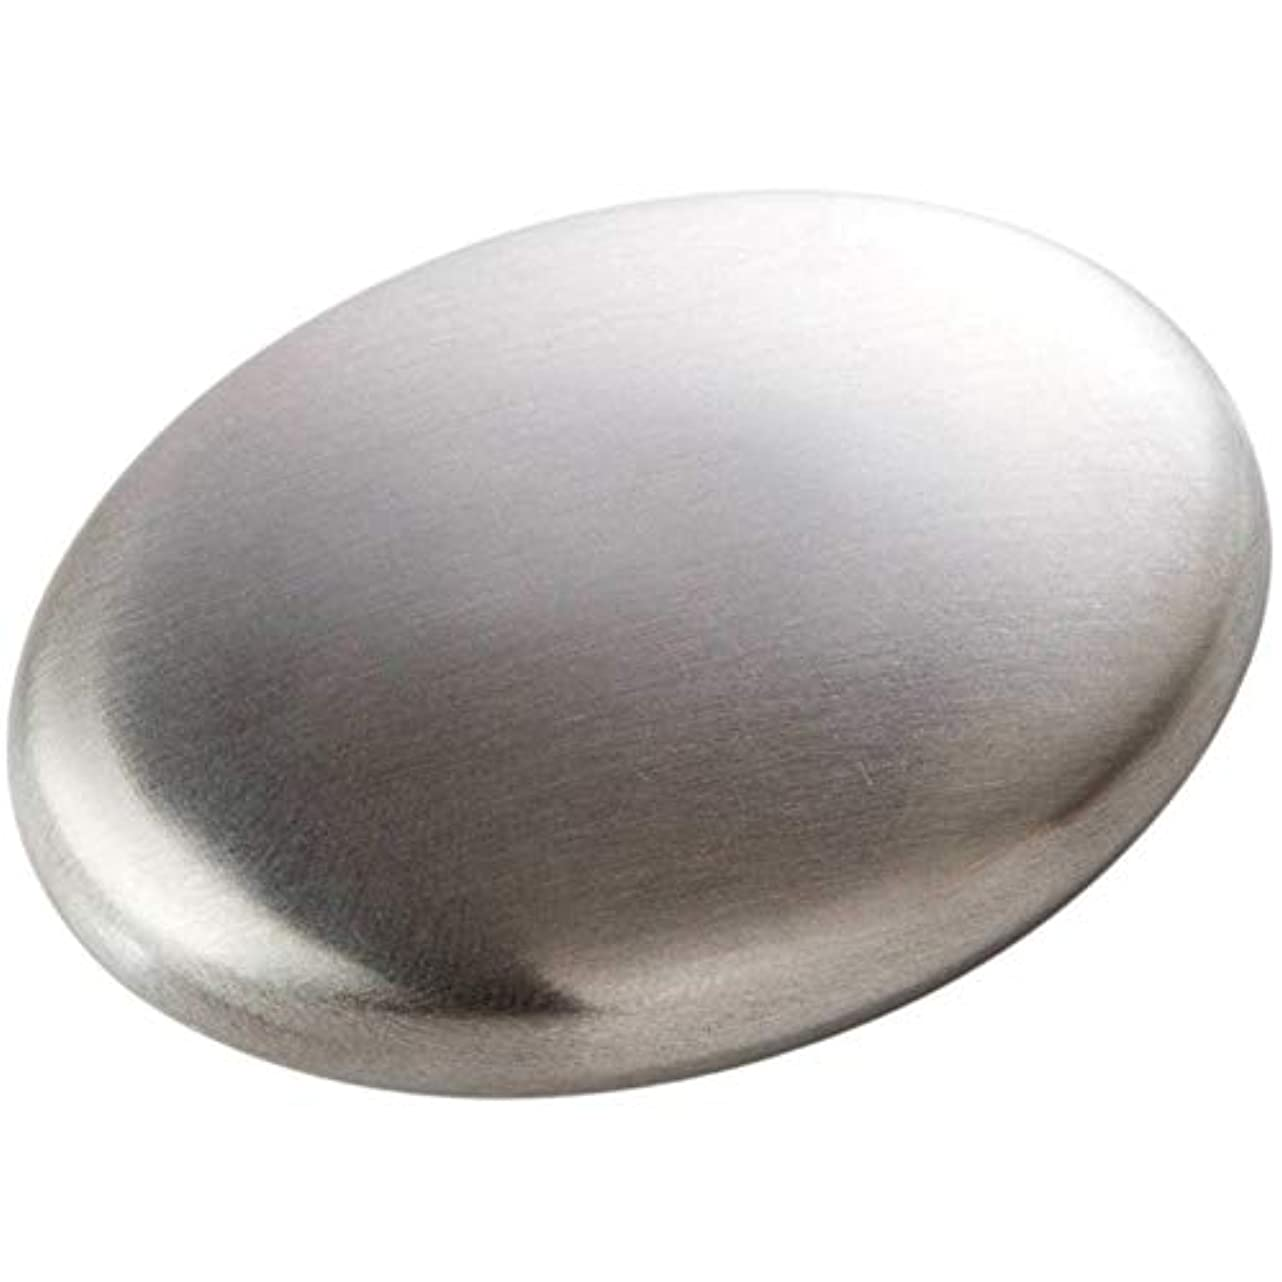 横向き激しいかけるせっけん ステンレス鋼 消臭 石鹸 にんにくと魚のような臭いを取り除き ステンレス鋼 臭気除去剤 匂い除去剤 最新型 人気 実用的 Cutelove